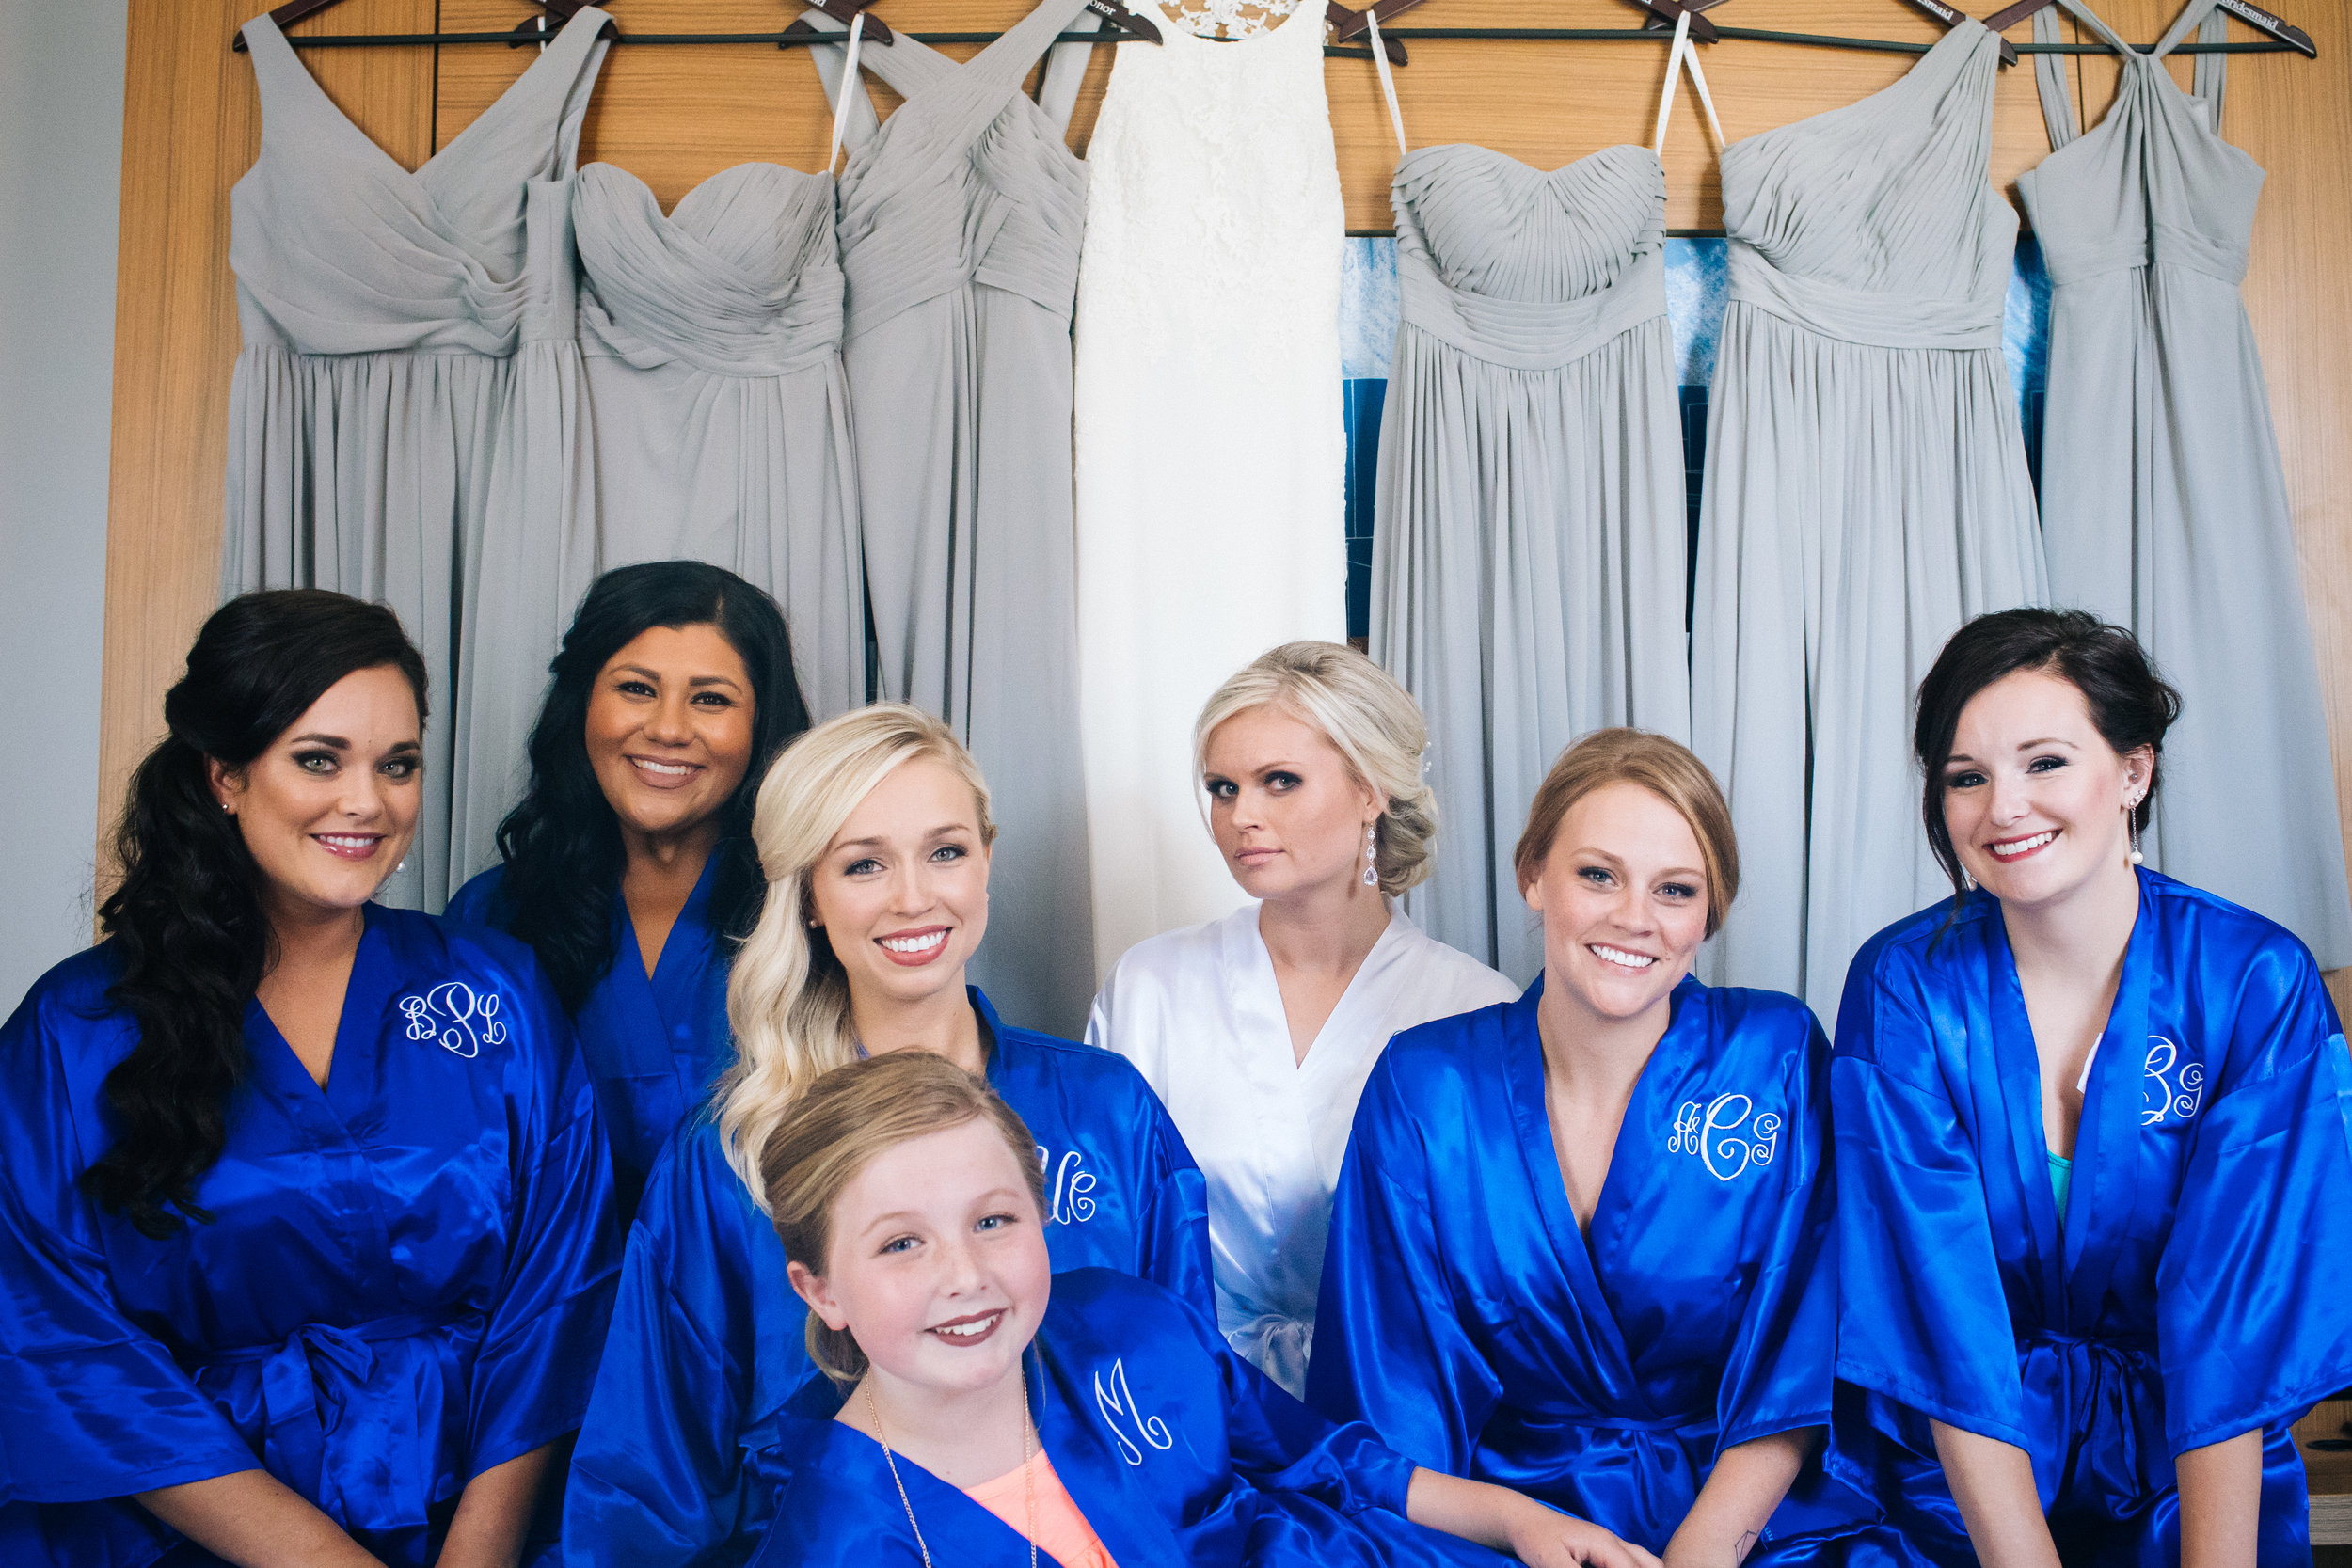 ALoft Suites bridal party